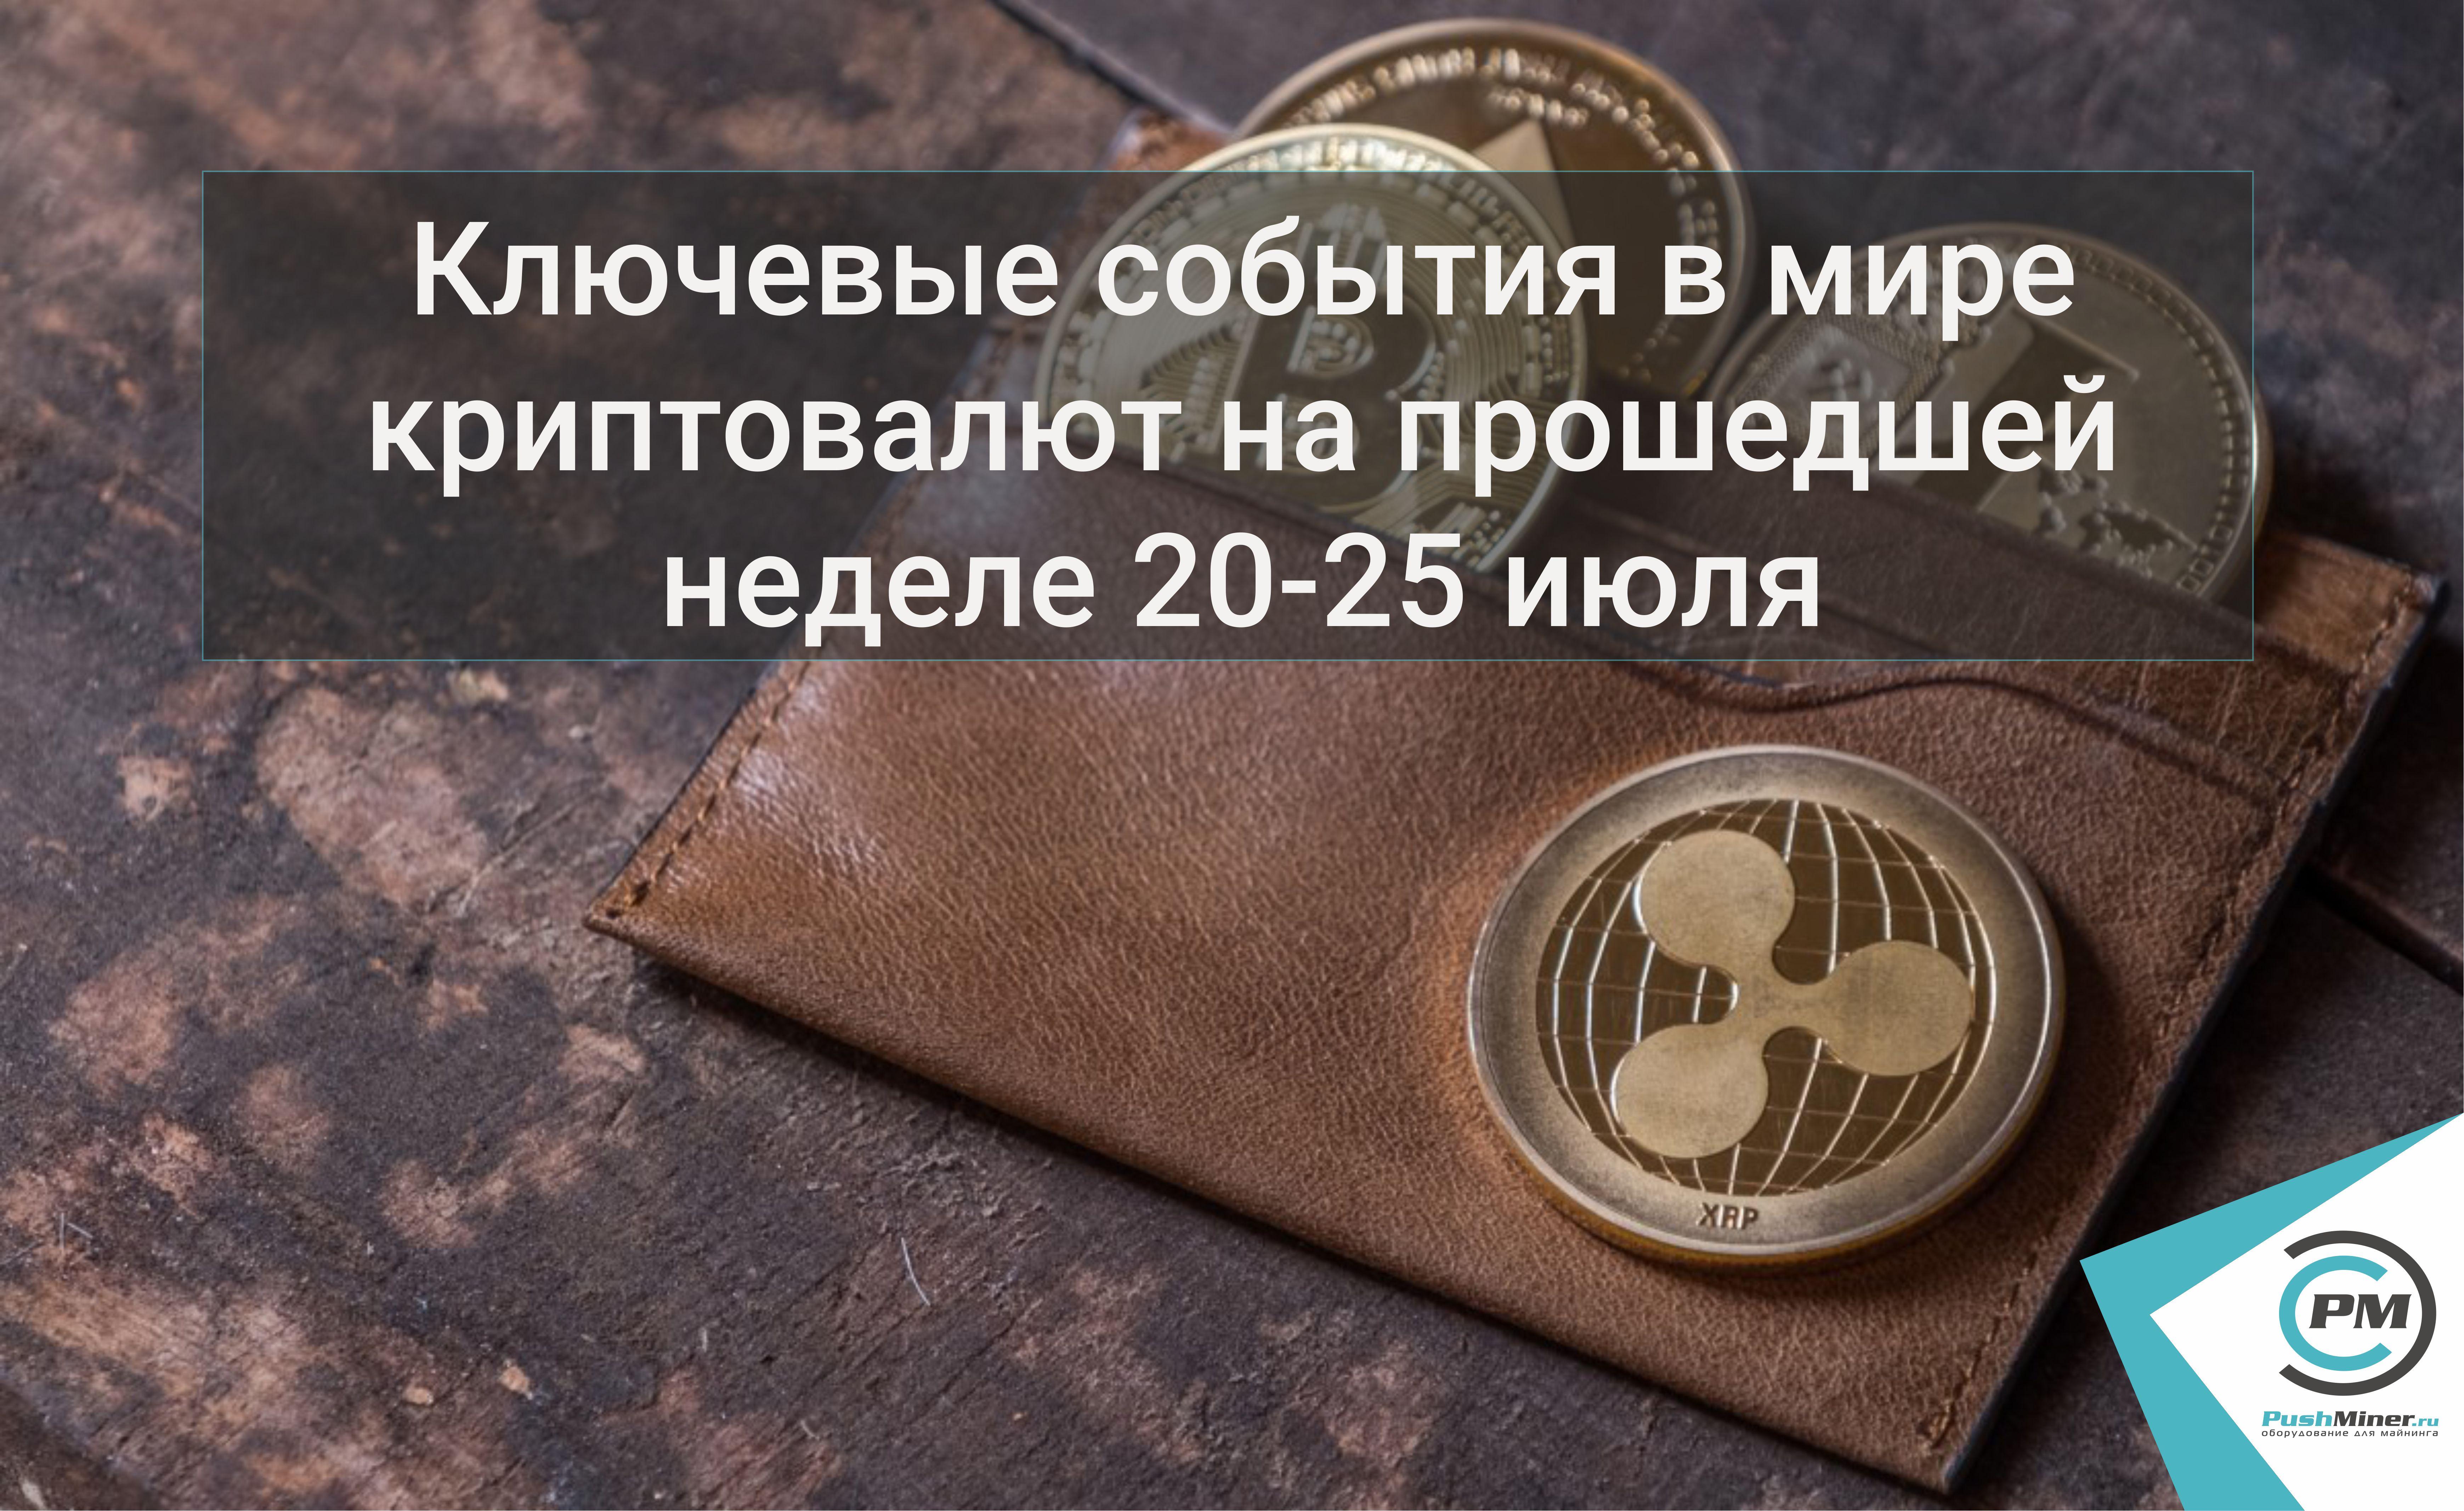 Ключевые события в мире криптовалют на прошедшей неделе 20-25 июля